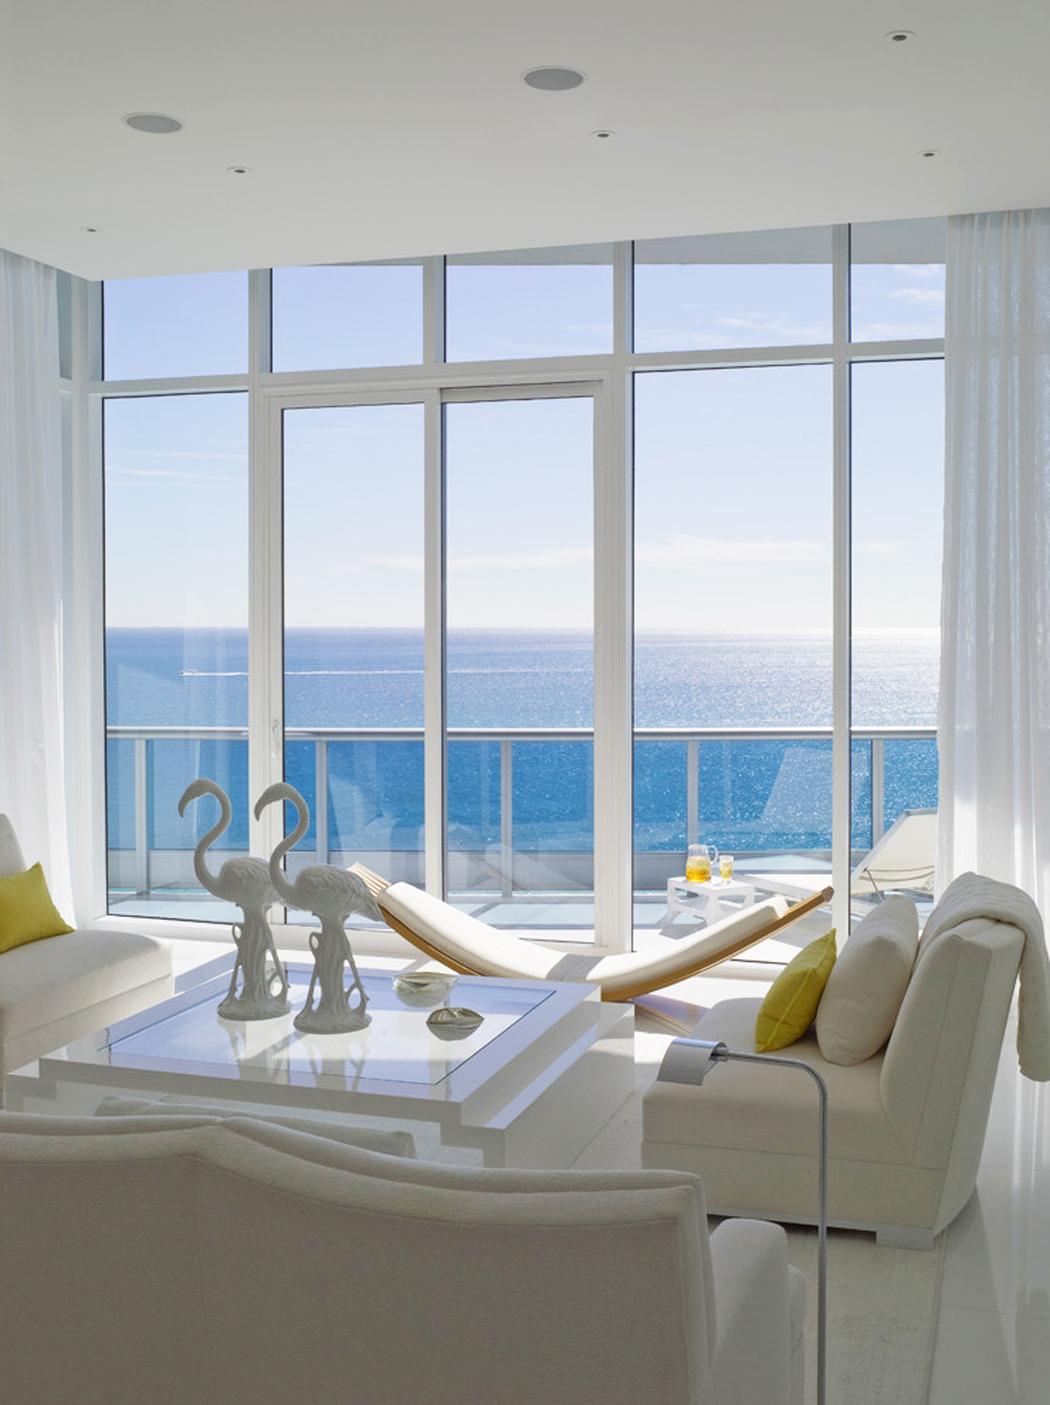 Magnifique appartement de vacances avec vue imprenable sur - Magnifique appartement de vacances pubillones ...